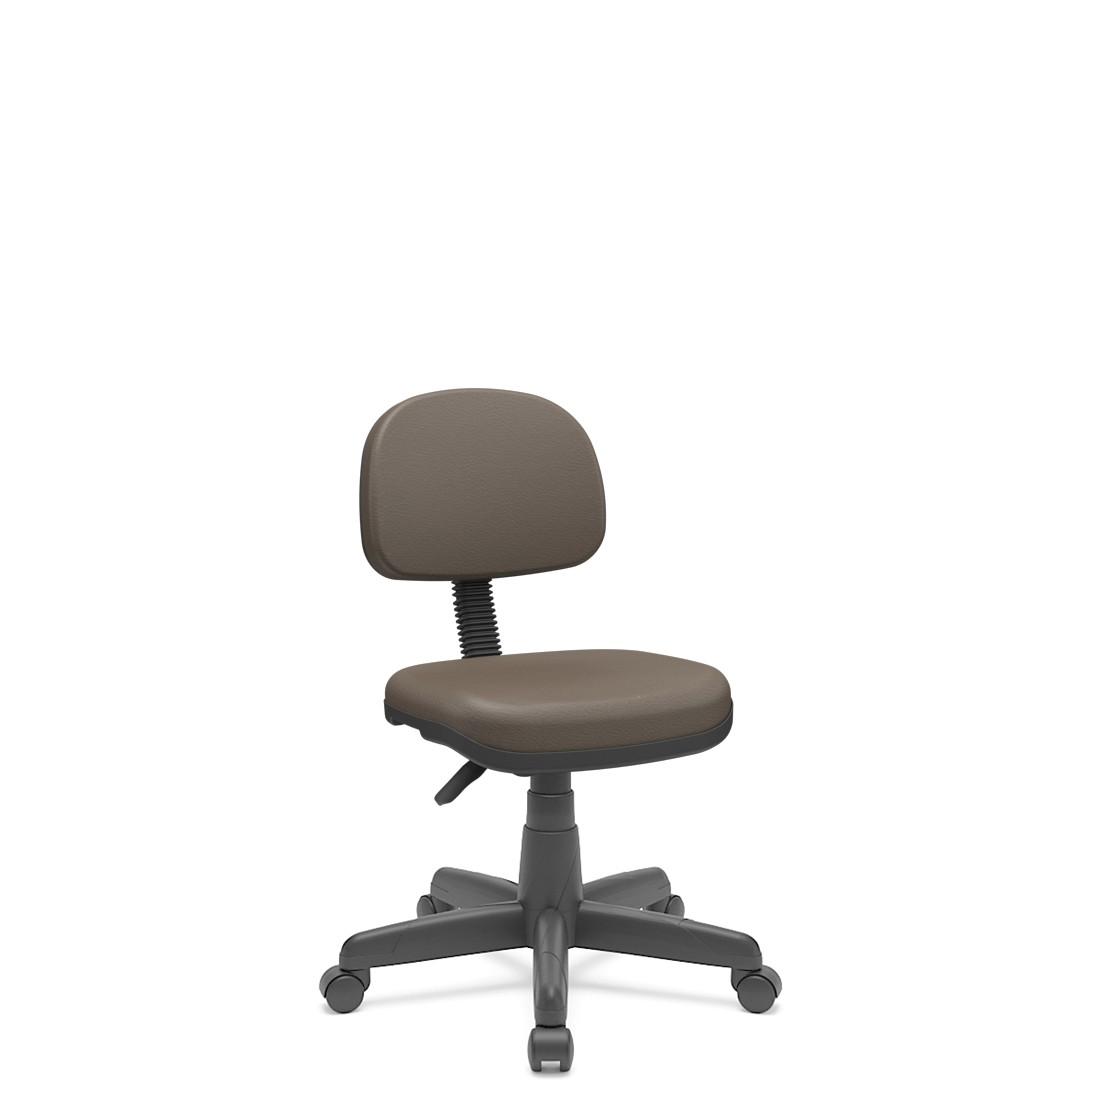 Cadeira Secretária Giratória Em couro ecológico Com Base Preta Plaxmetal - Marrom